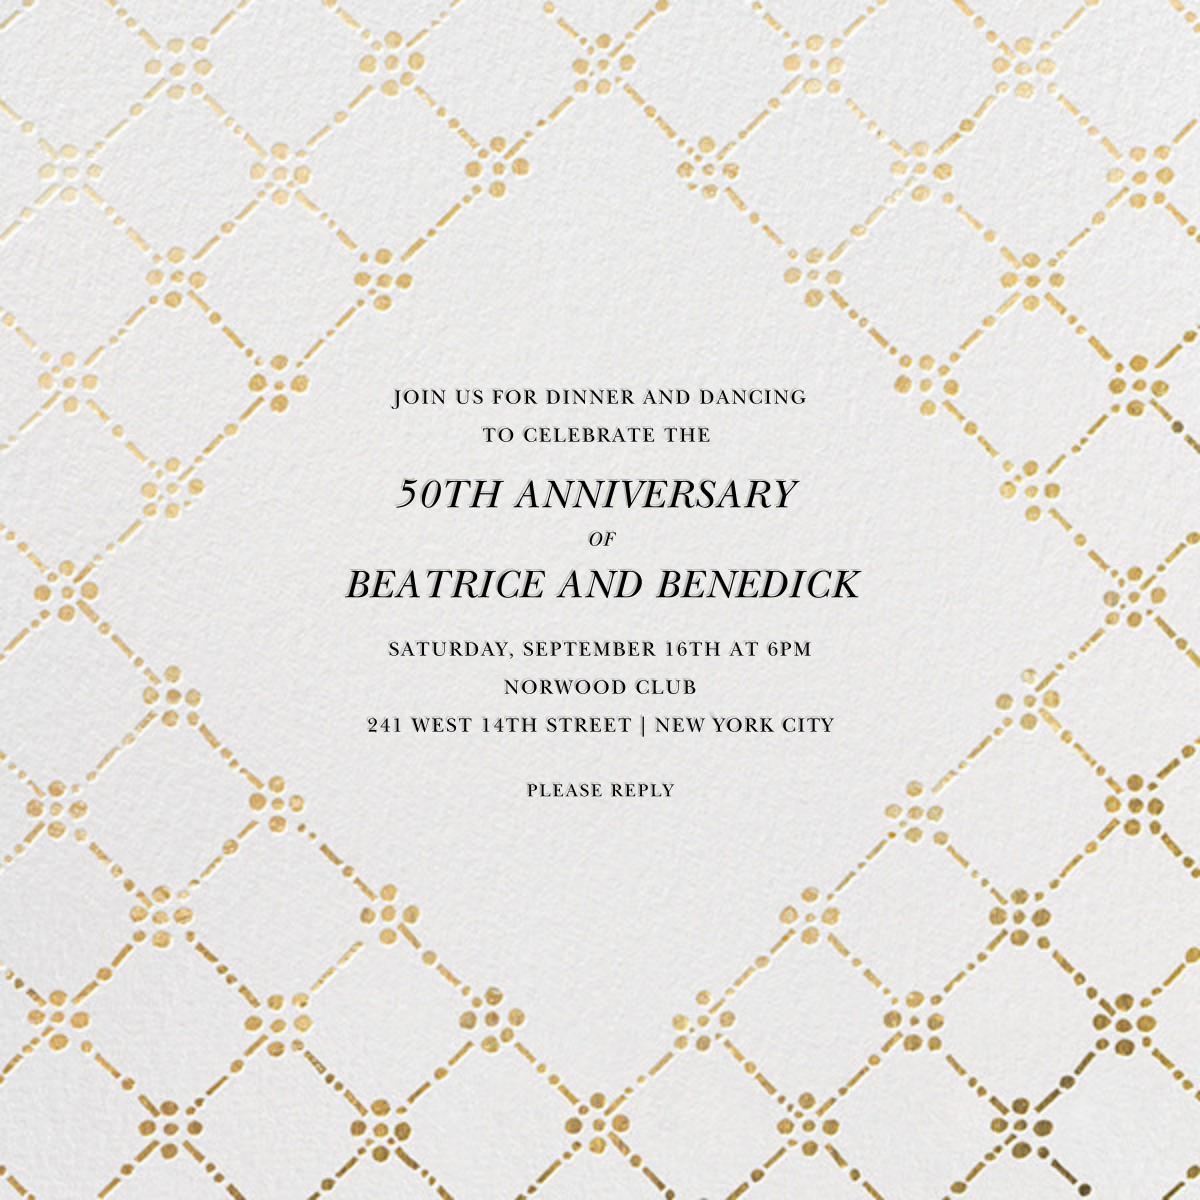 Pearl Embroidery (Square) - Gold - Oscar de la Renta - Anniversary party